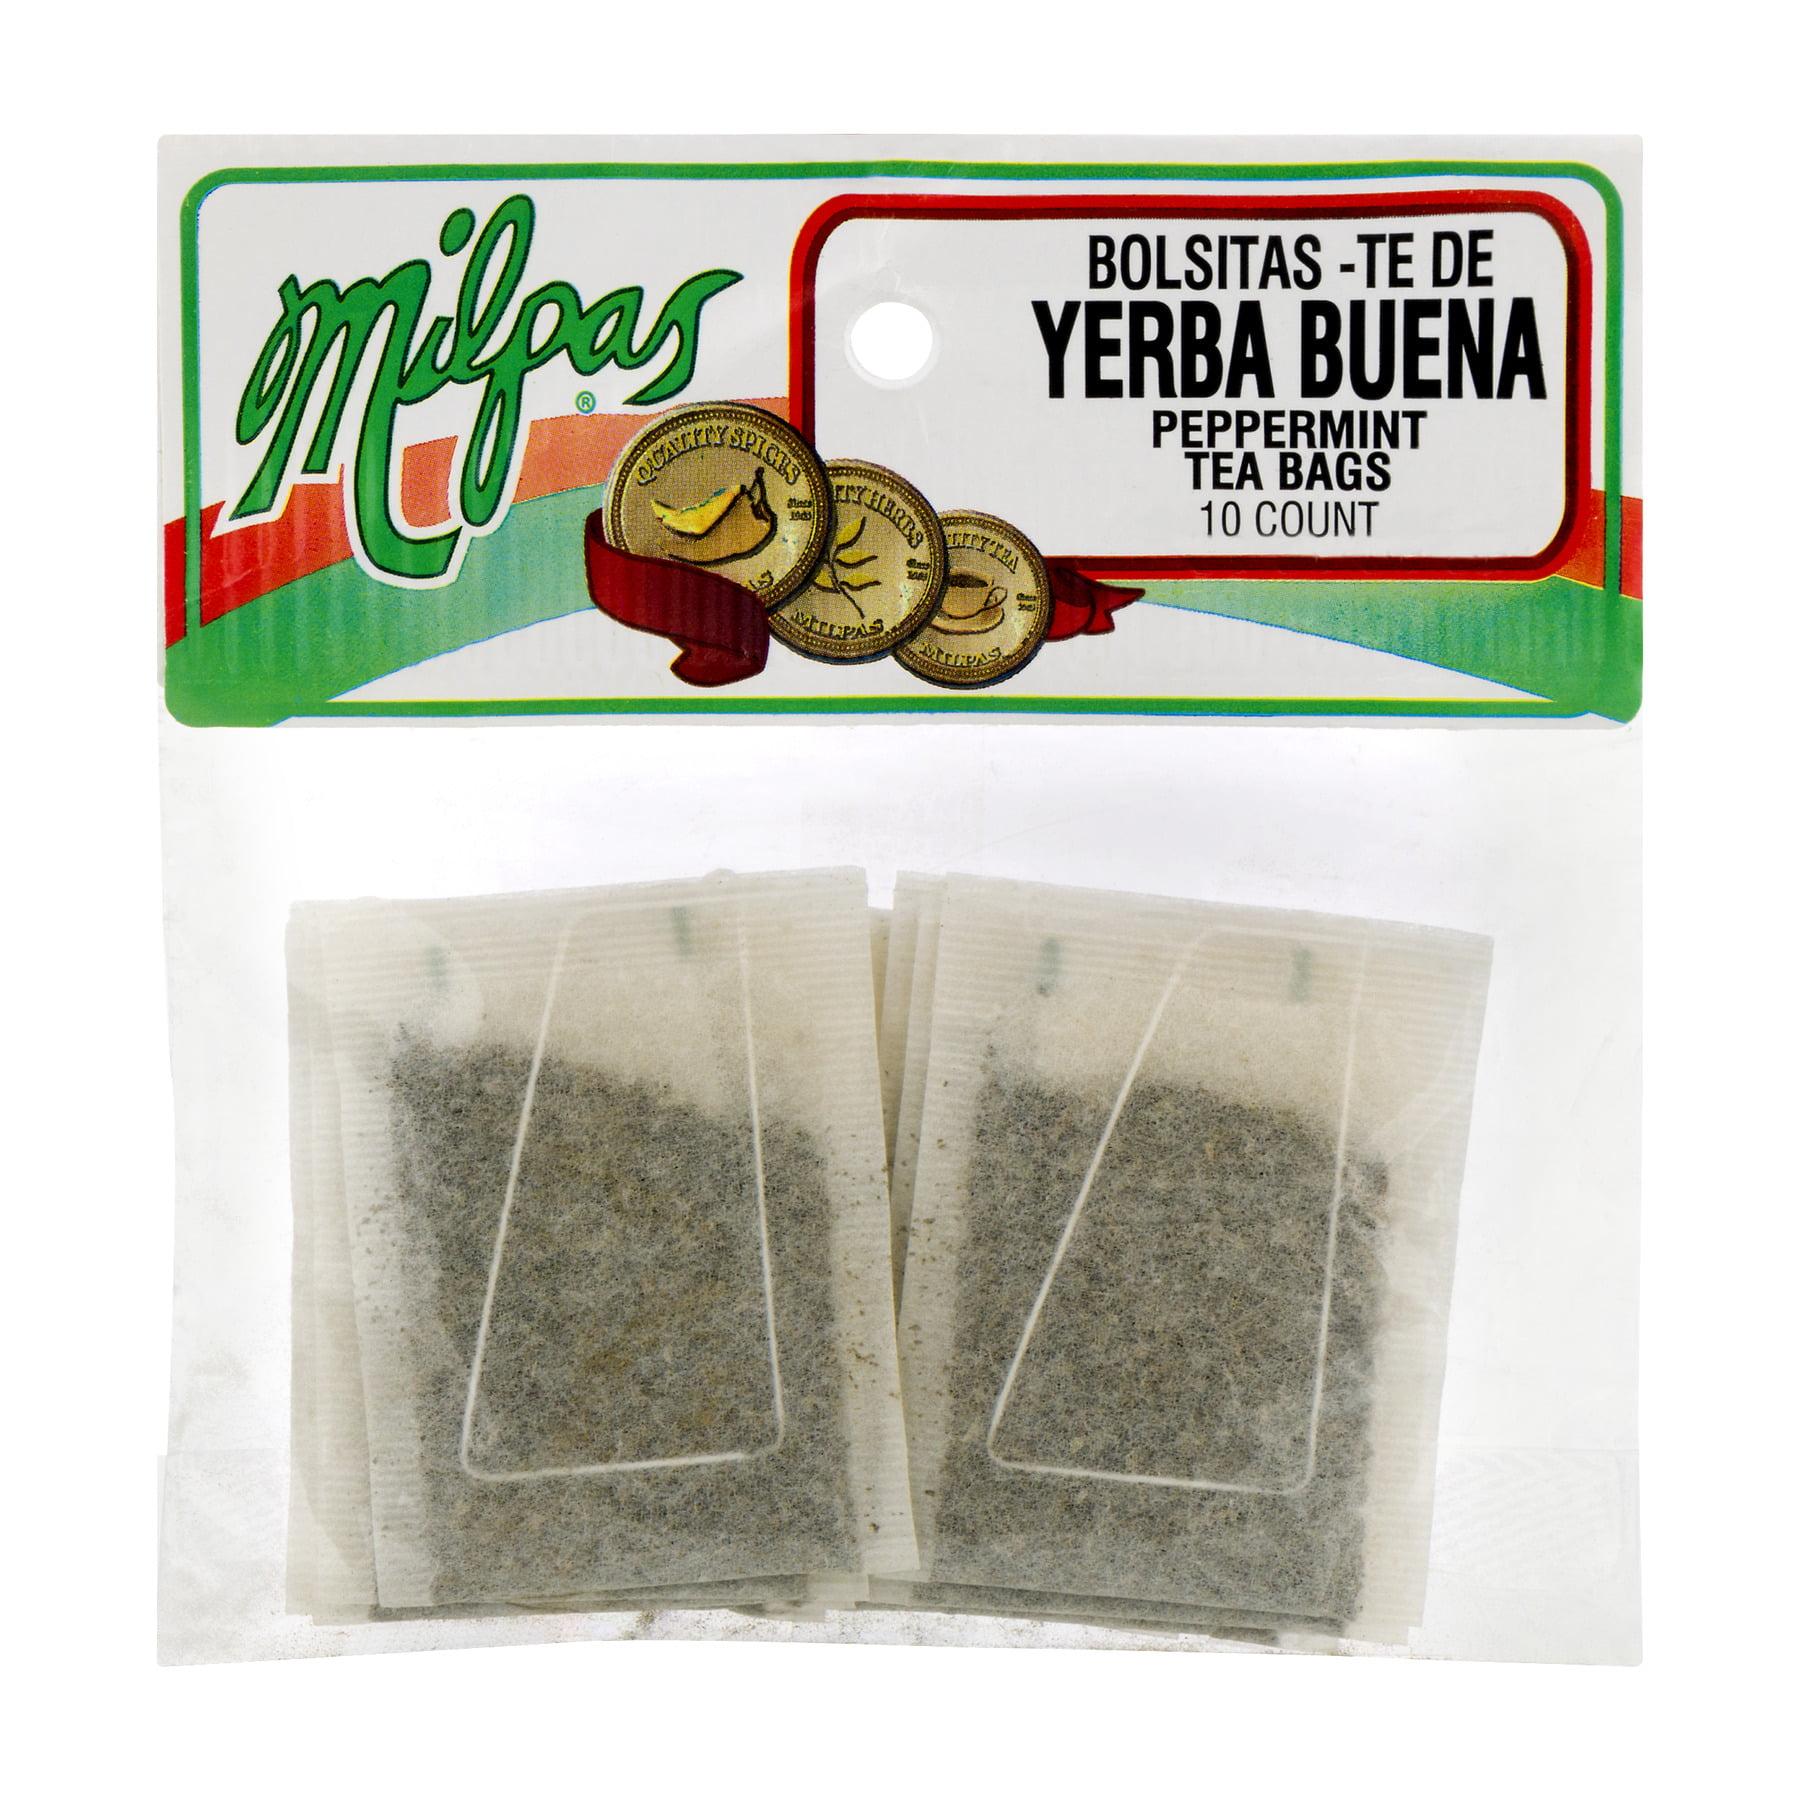 Milpas Peppermint Tea Bags - 10 CT10.0 CT